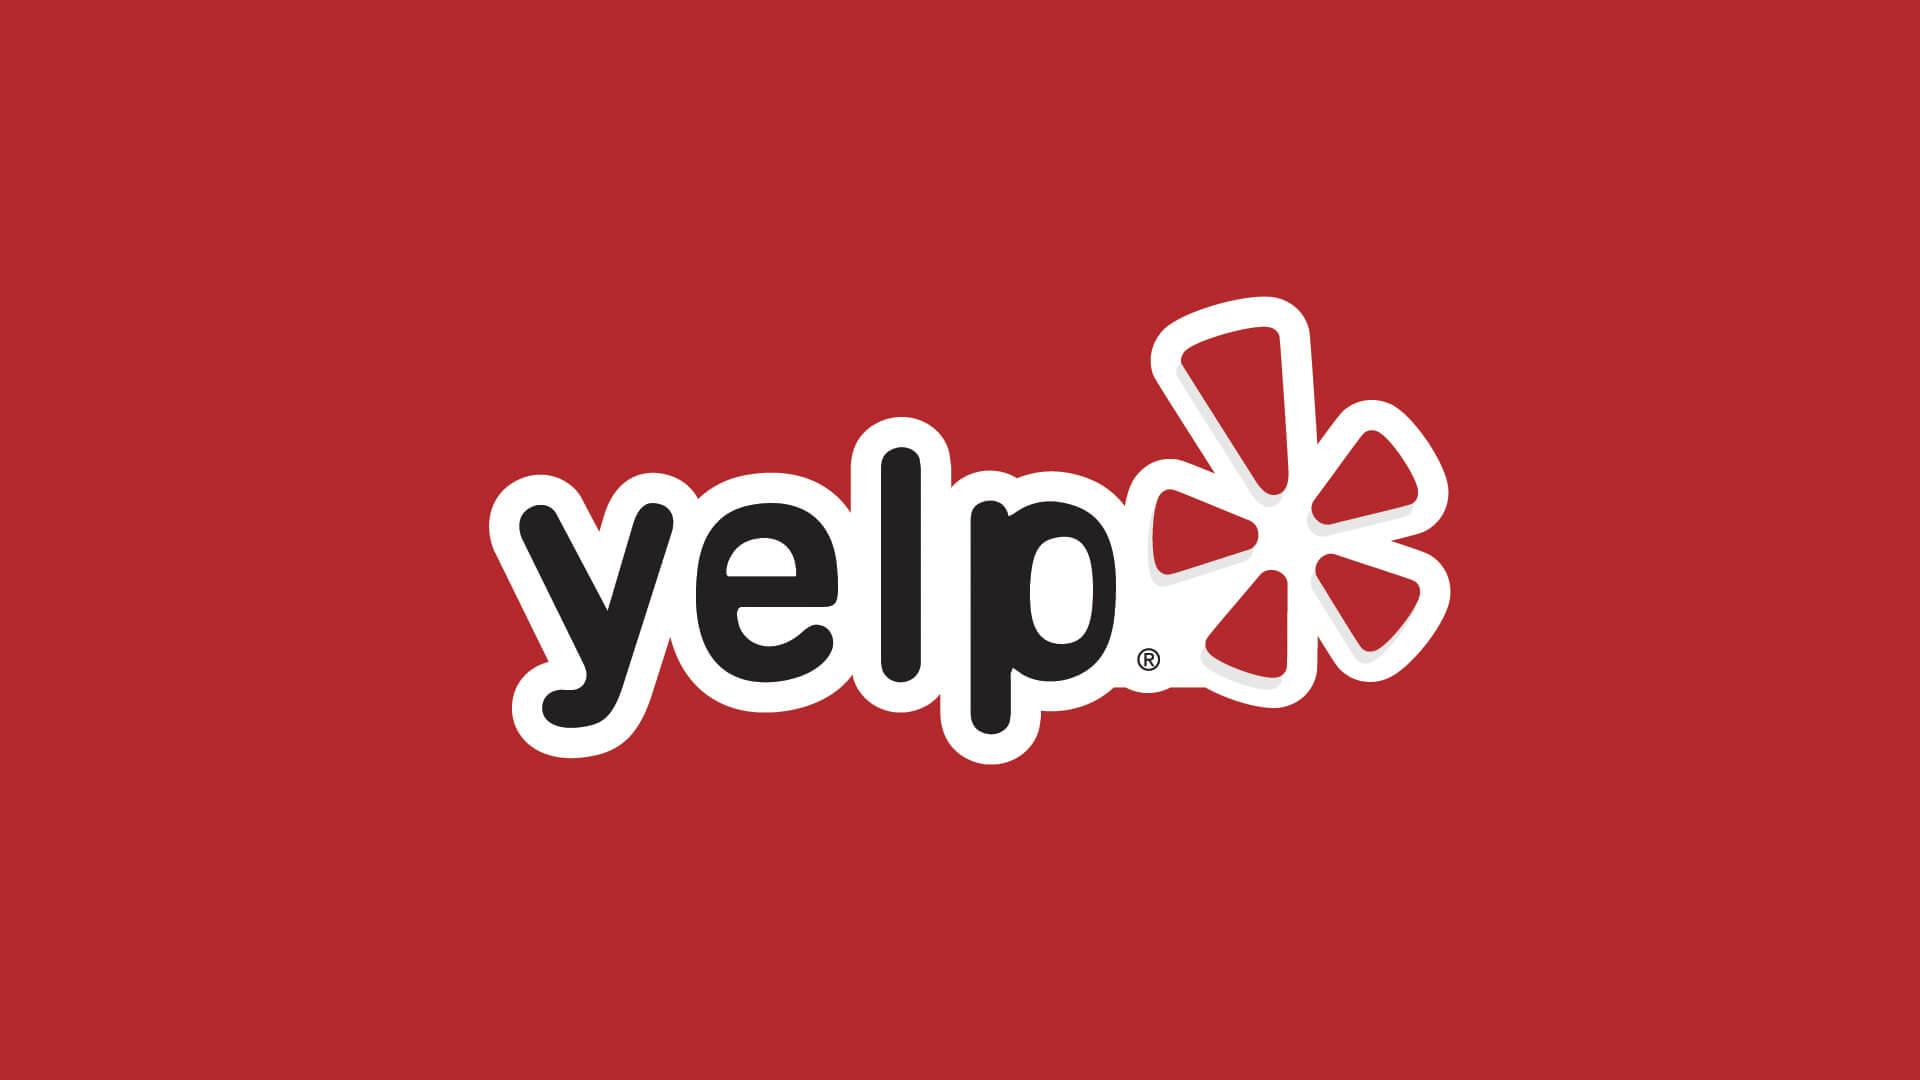 Yelp anuncia una asociación de recaudación de fondos con GoFundMe para apoyar a las empresas locales